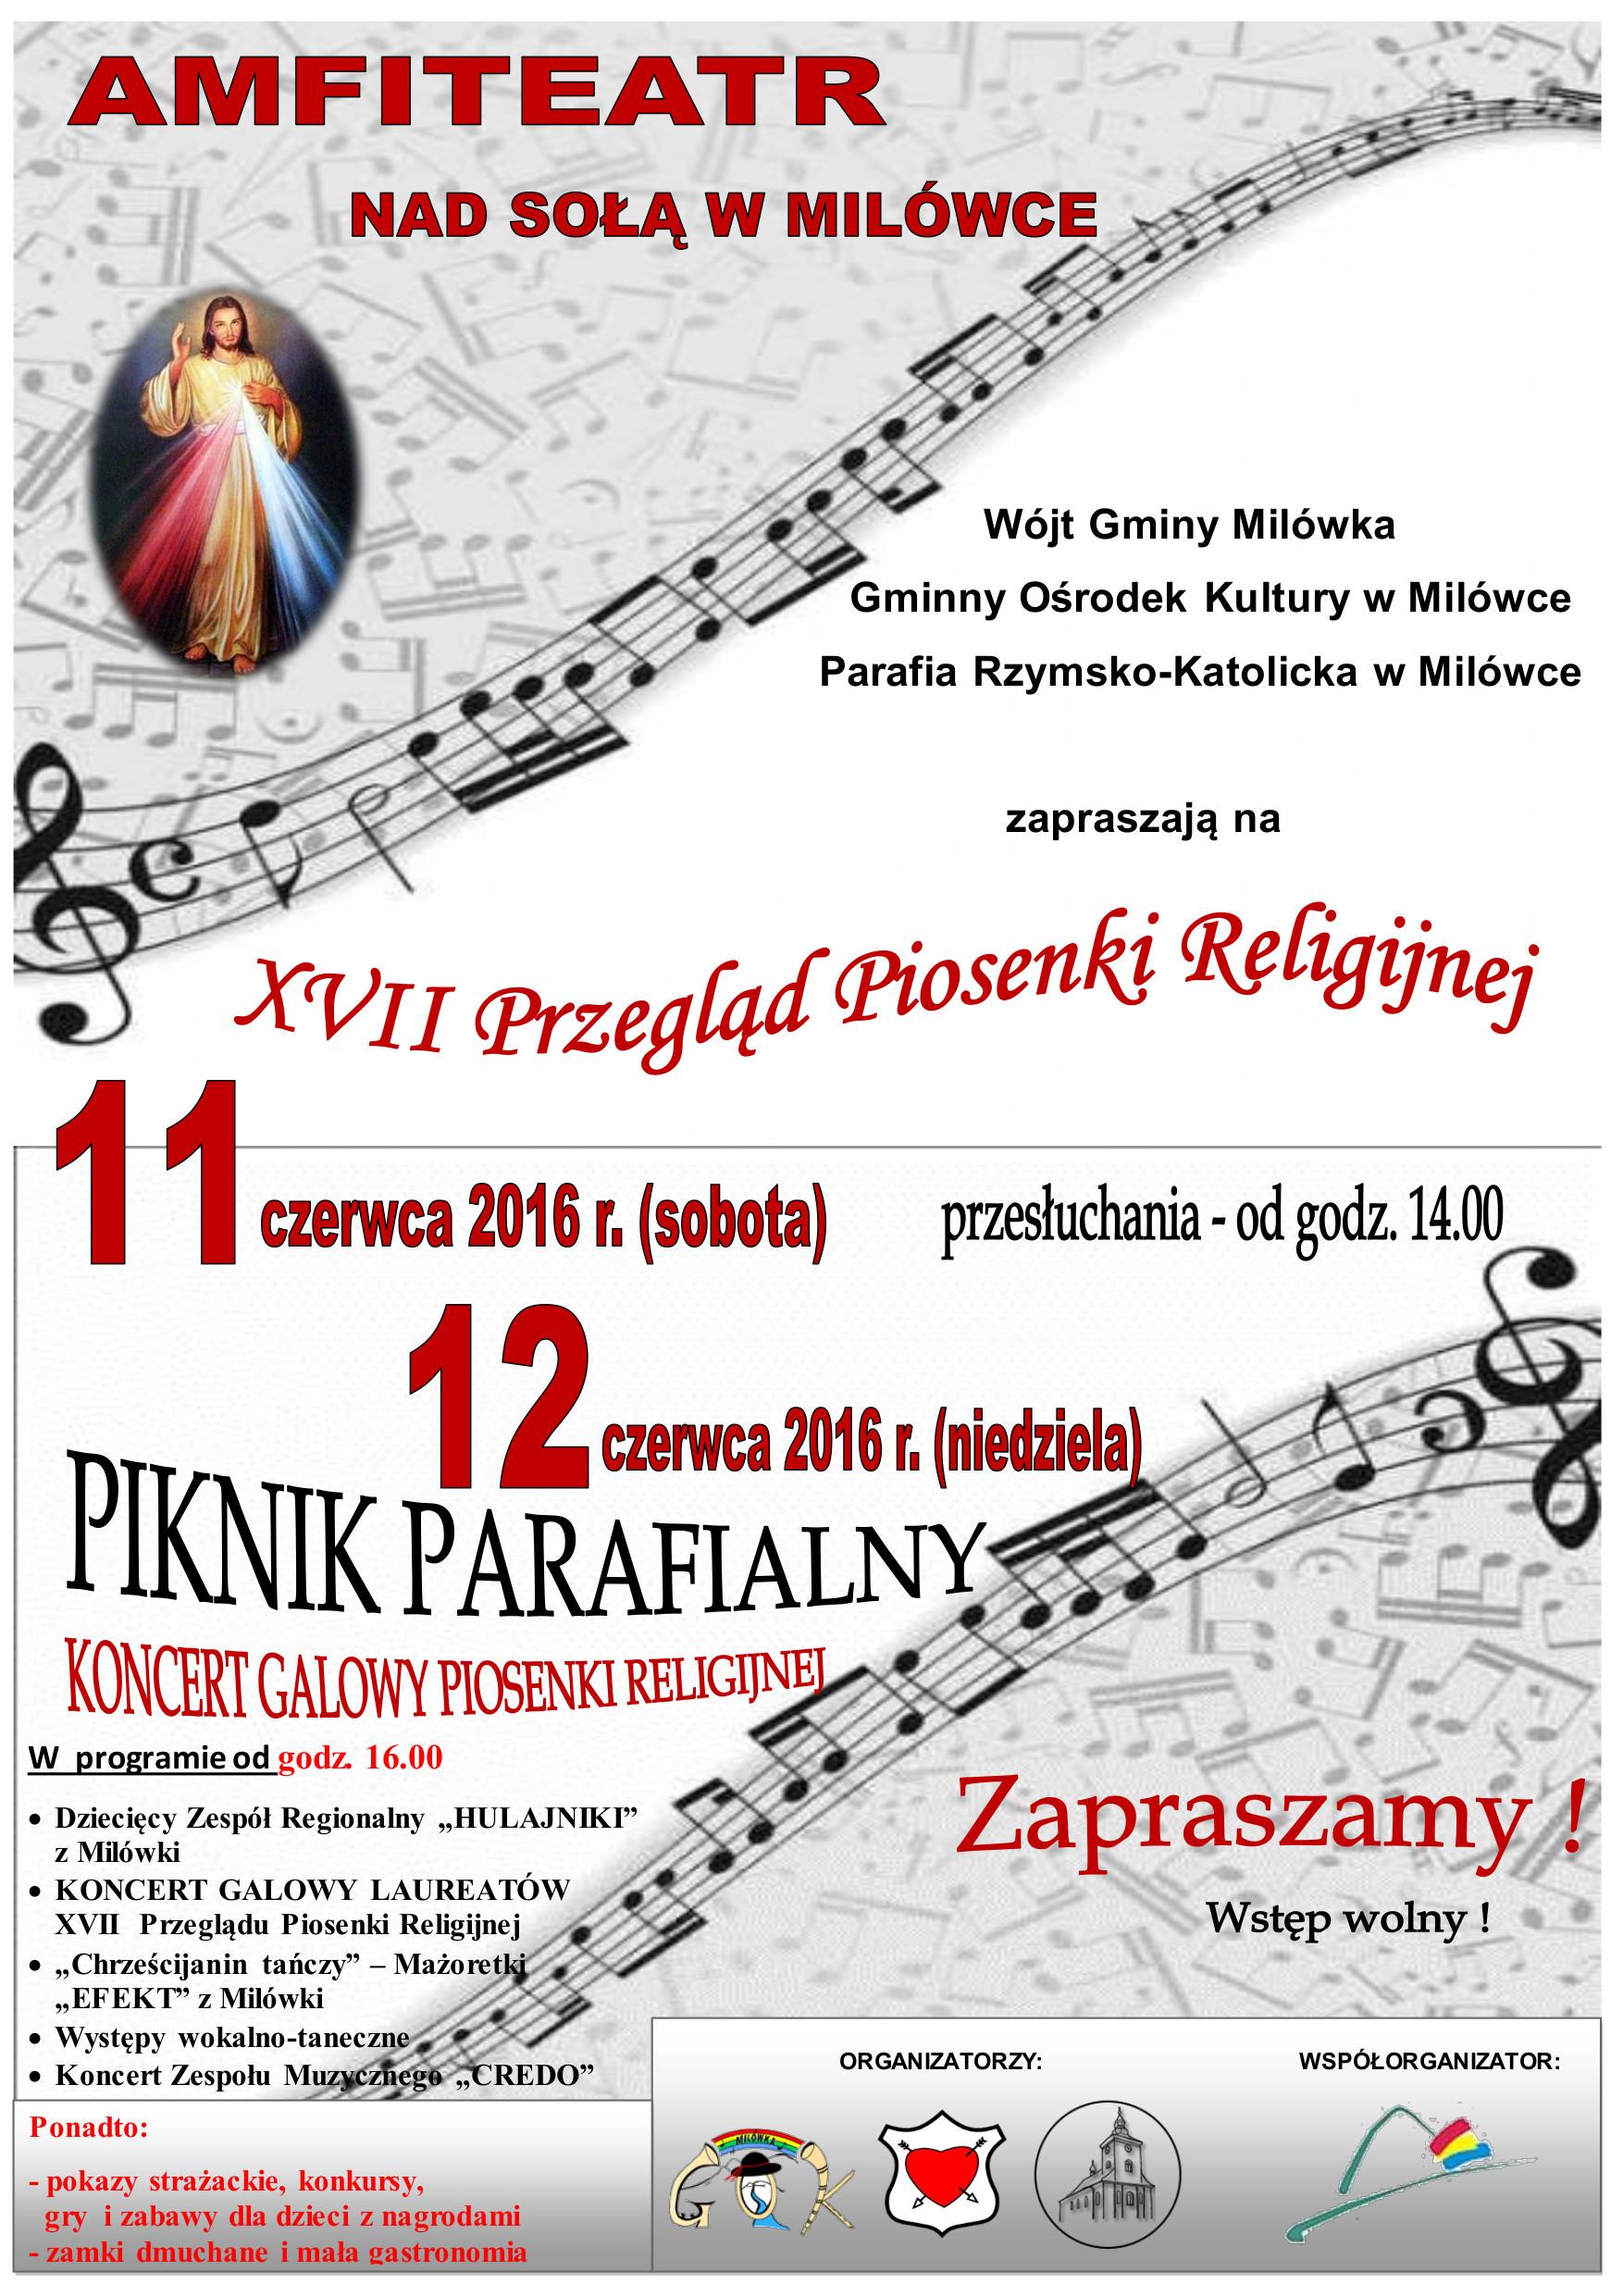 Przegląd Piosenki Religijnej 2016